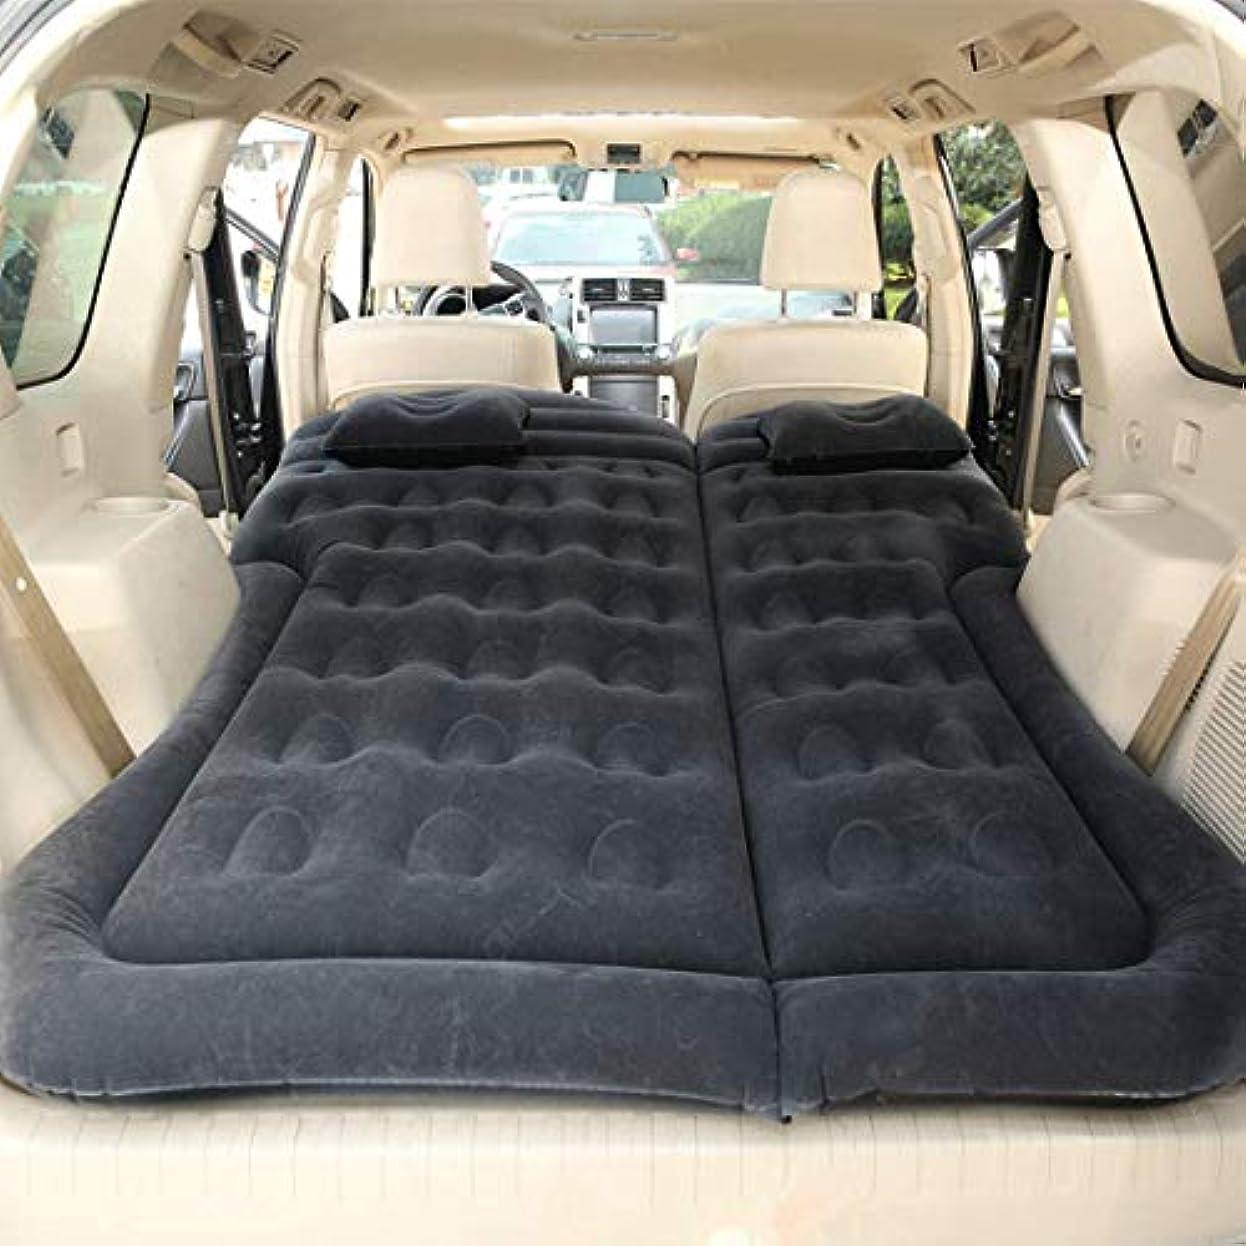 出口変色する彼車のインフレータブルベッドSUV車のエアマットレスとポンプエアクッションポータブルカーリアシートエアベッド旅行キャンプ枕付き屋外